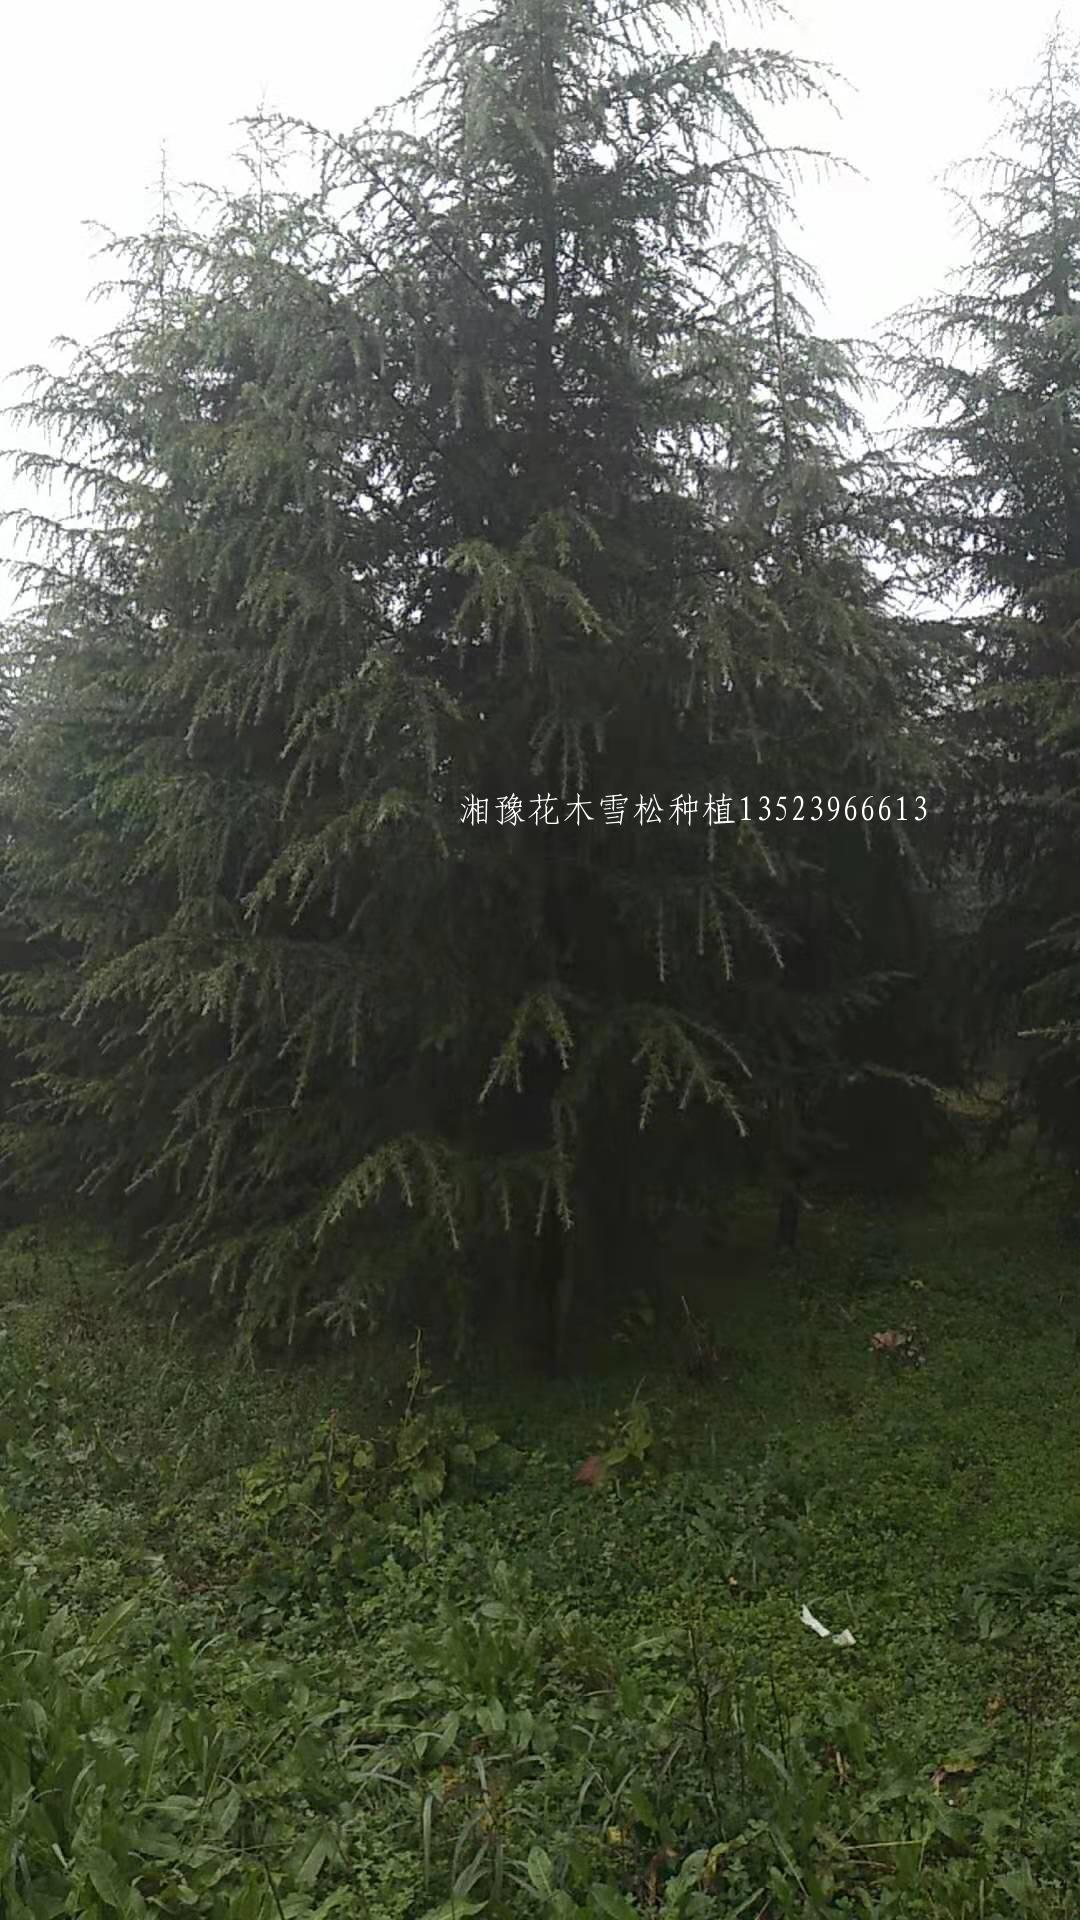 雪松种植技术